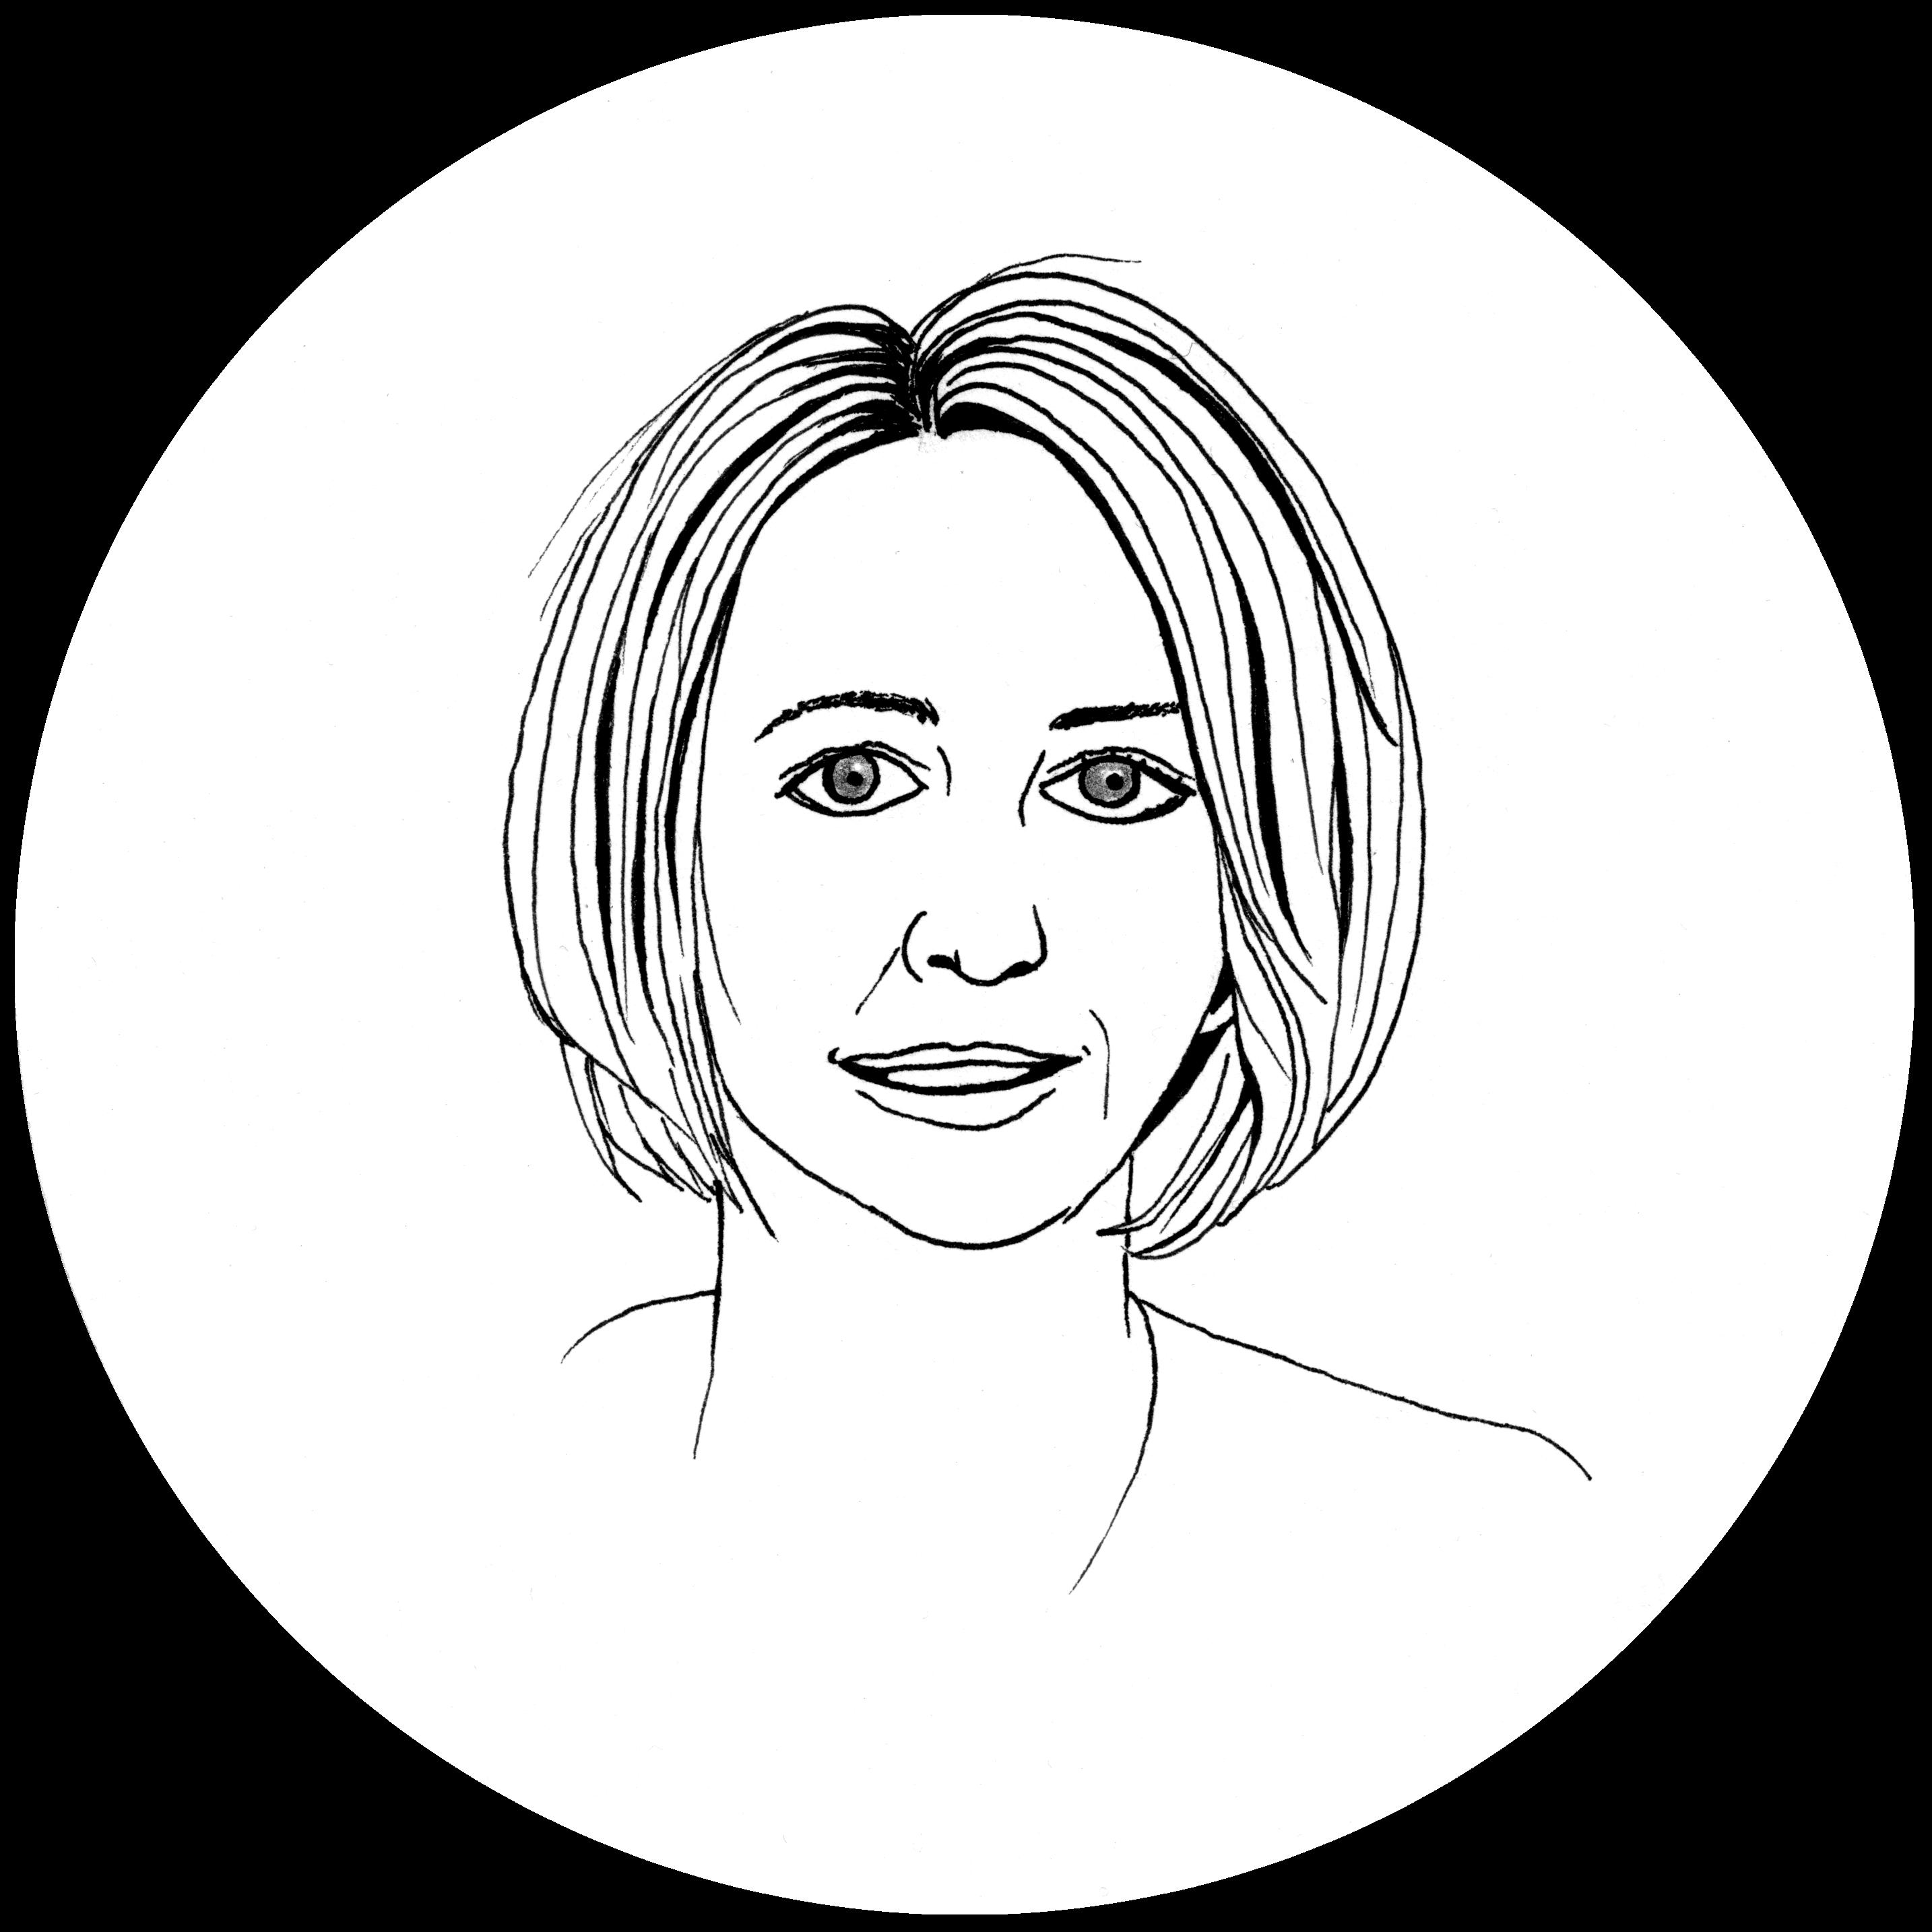 Von gemeinsamen Beweggründen und Glasperlenspielen: Gespräch mit Bettina Lösch